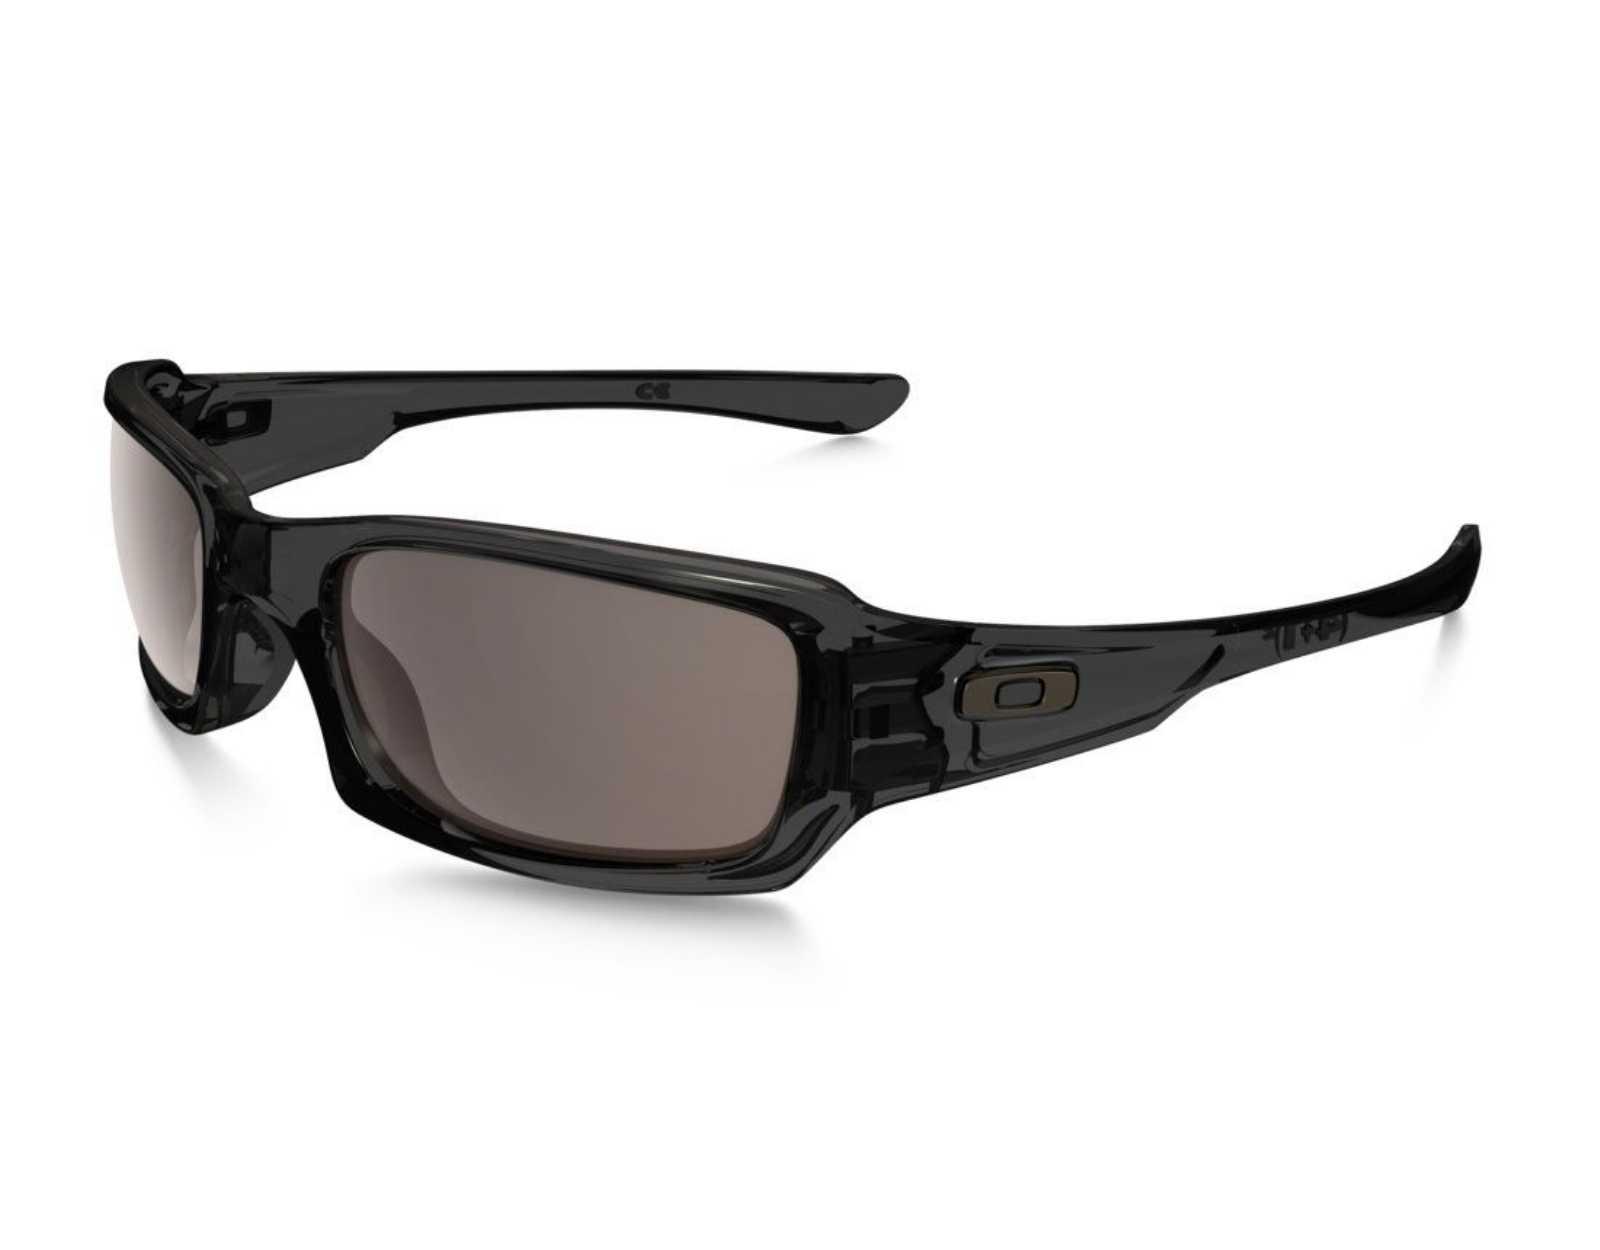 Oakley Fives Squared - Солнцезащитные очки оригинал новые